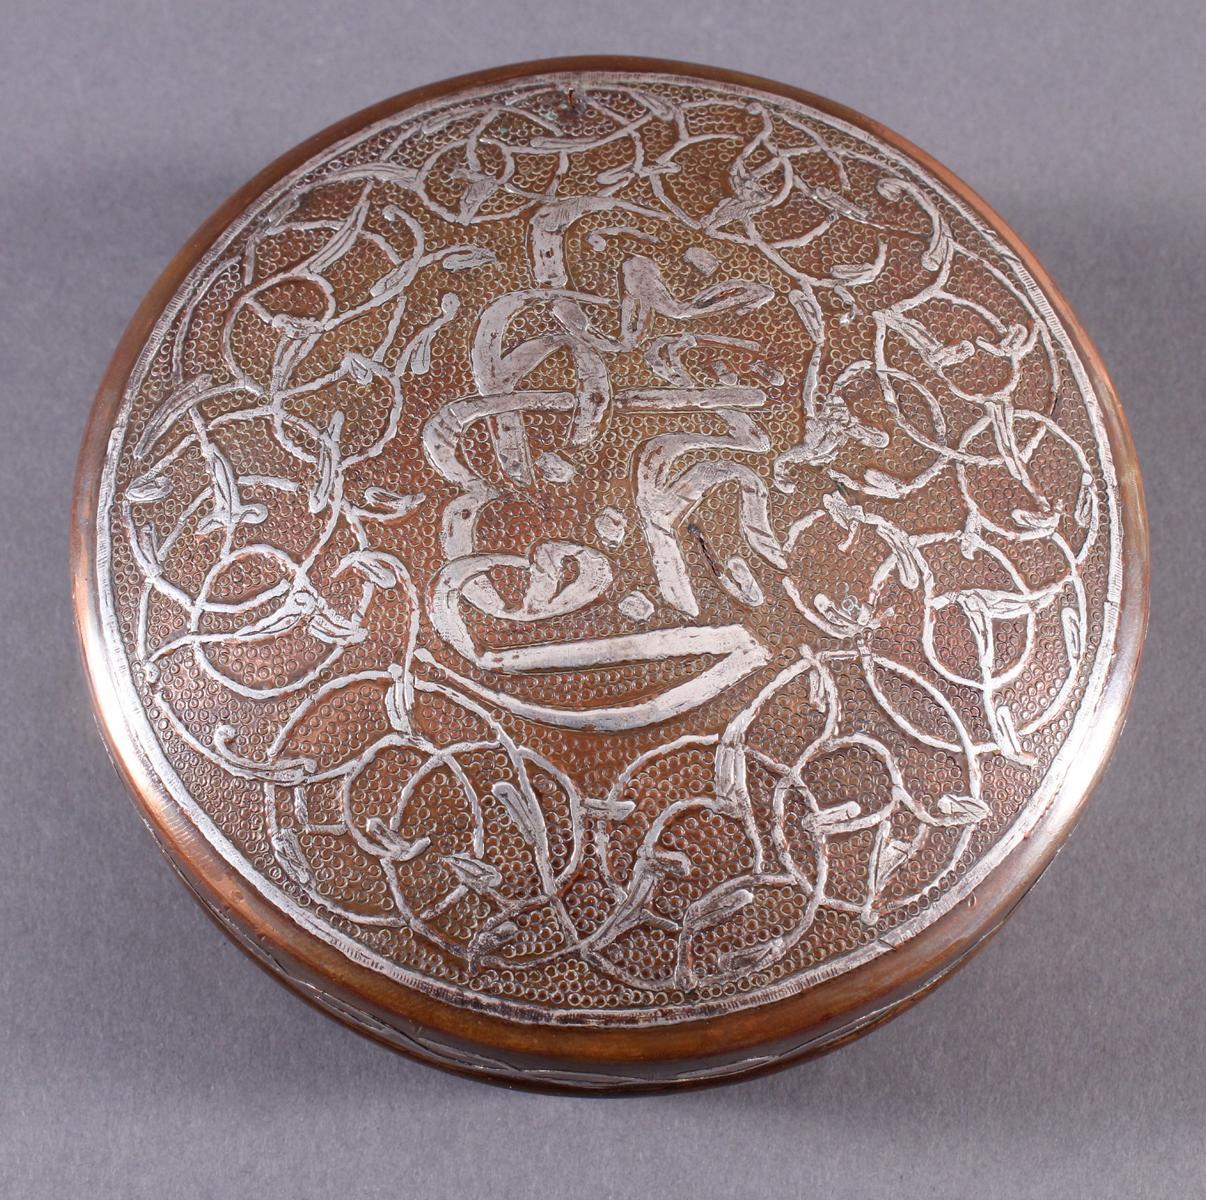 Silbertauschierte Deckeldose aus dickwandigem Kupfer